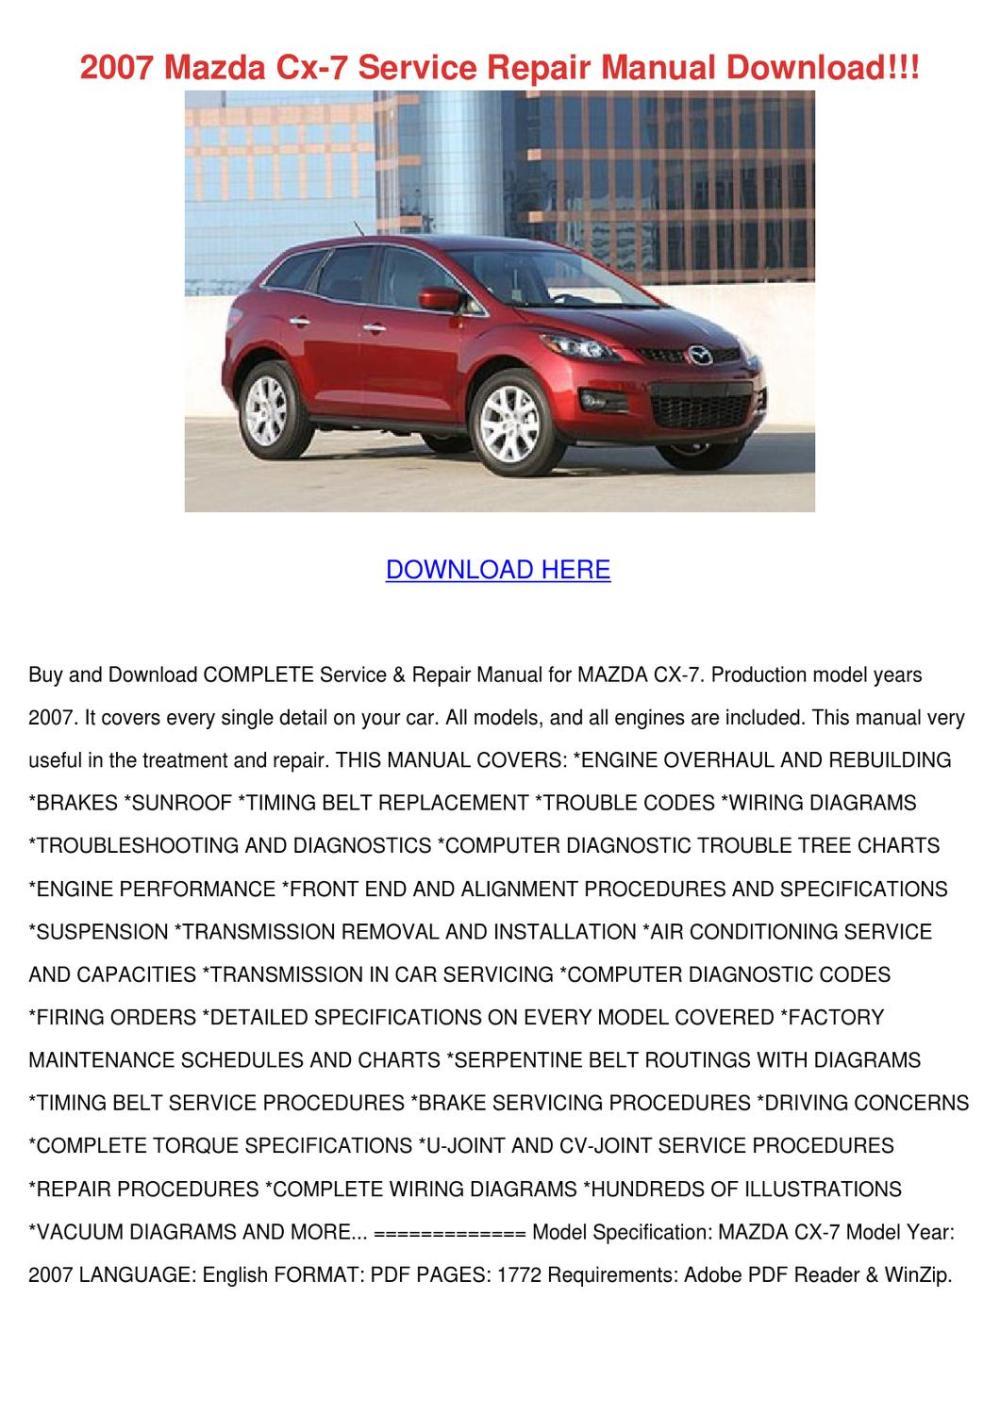 medium resolution of 2007 mazda cx 7 service repair manual downloa